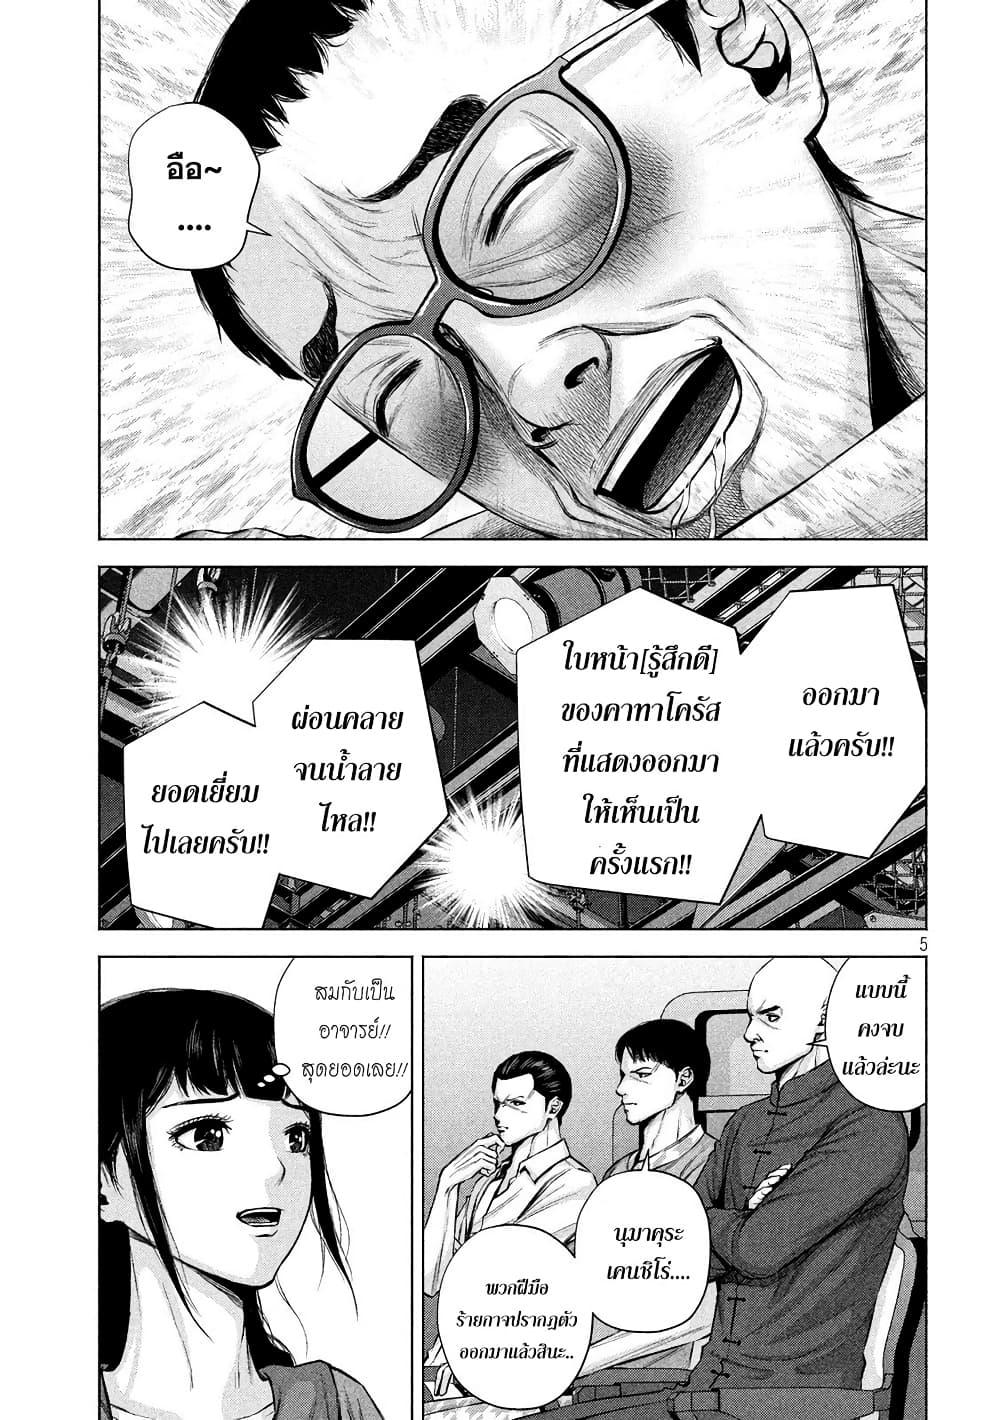 อ่านการ์ตูน Kenshirou ni Yoroshiku ตอนที่ 19 หน้าที่ 5